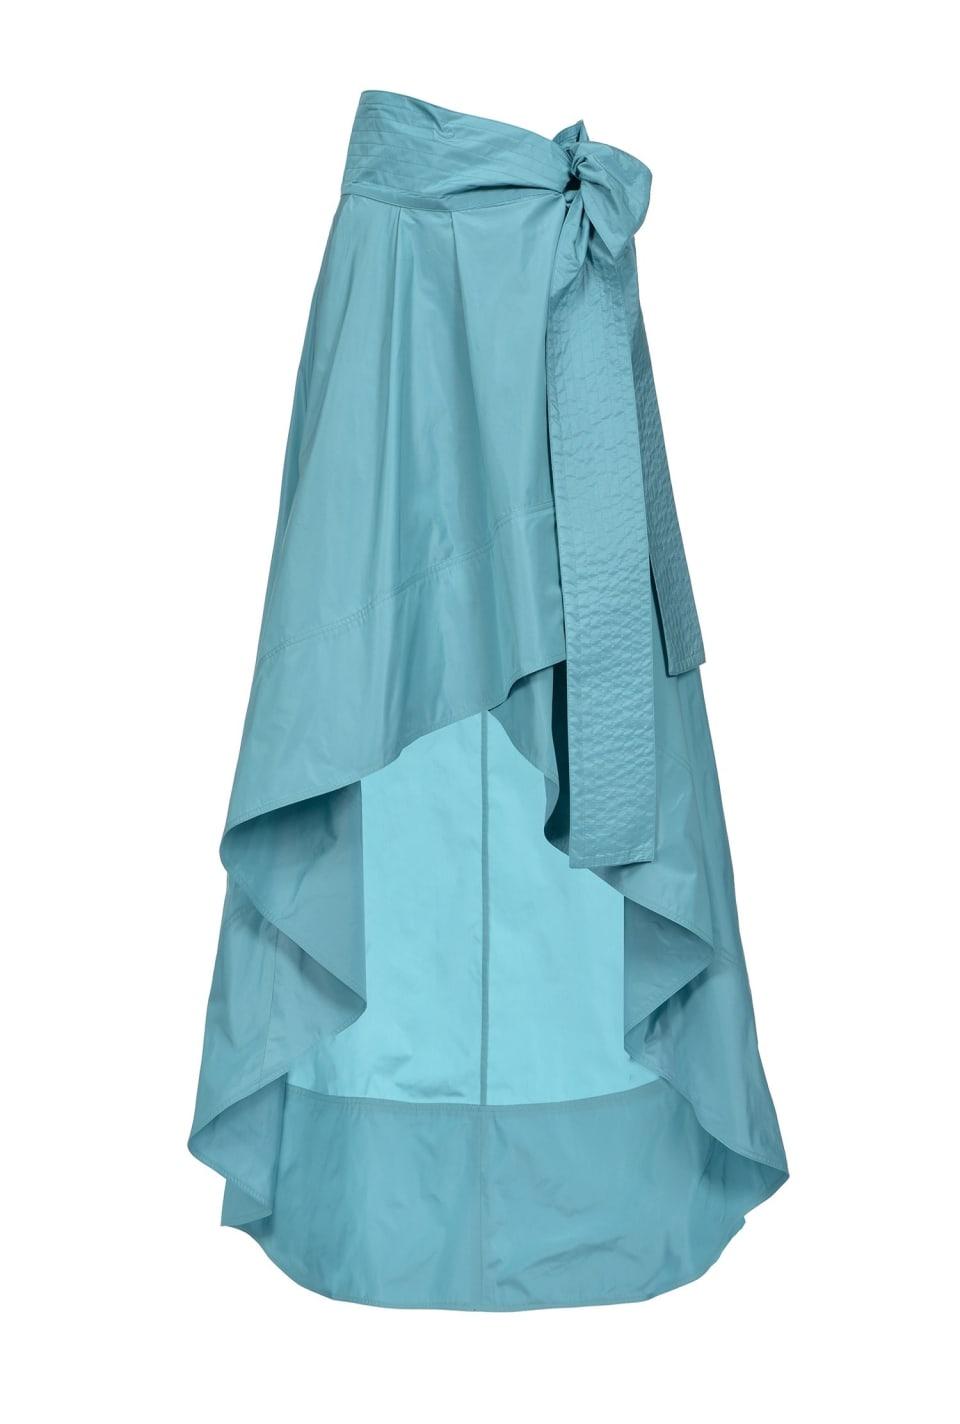 塔夫绸半身裙